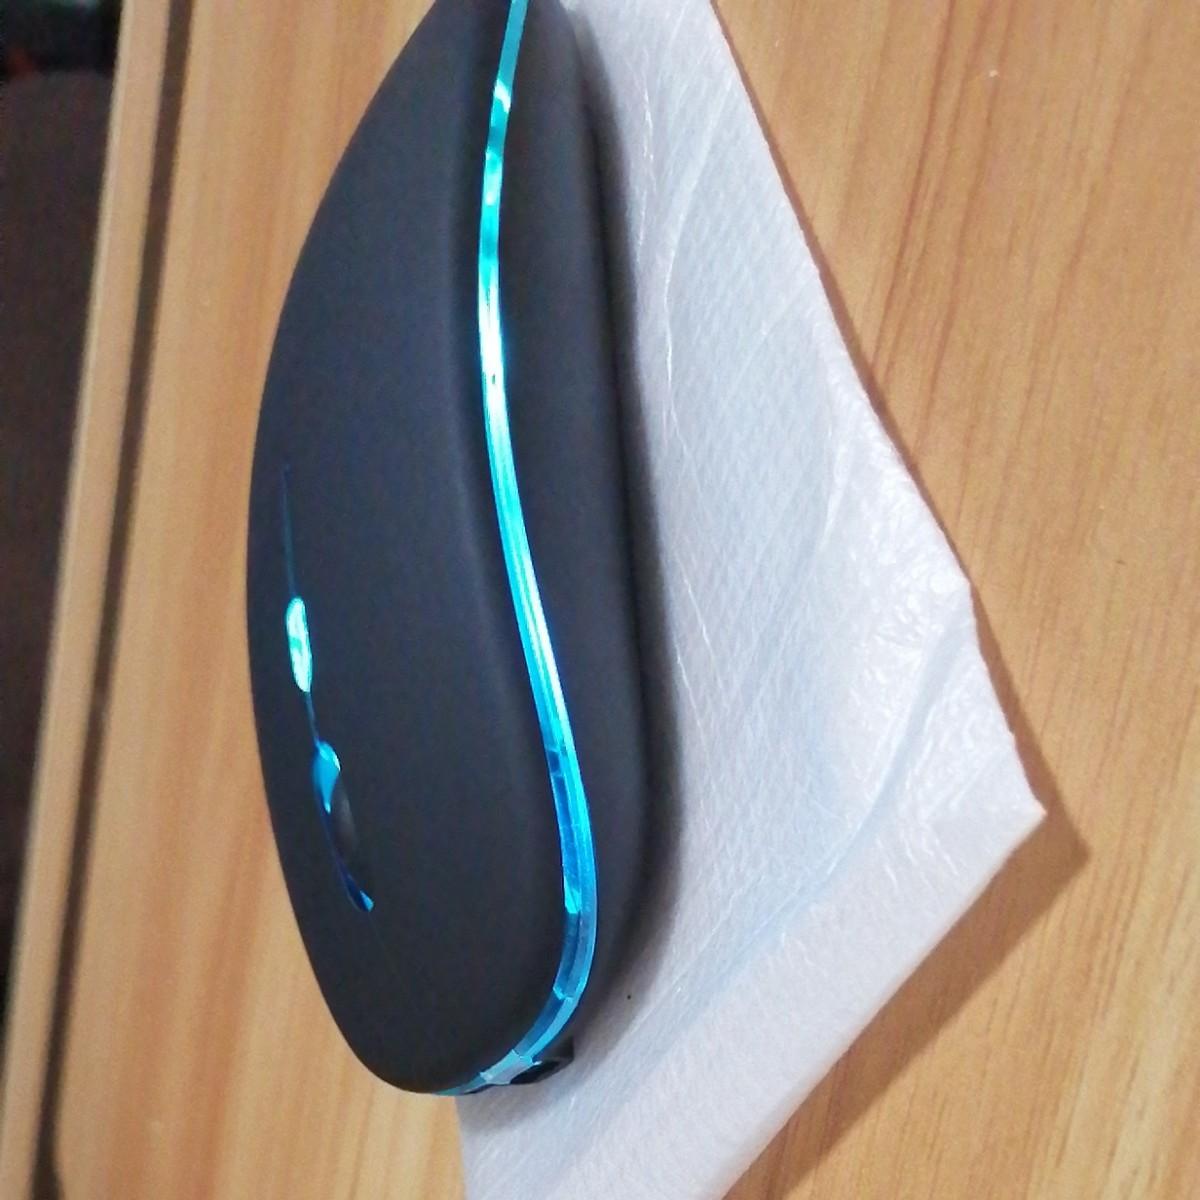 ワイヤレスマウス 光学式マウス 無線マウス レーザーマウス 静音 USB